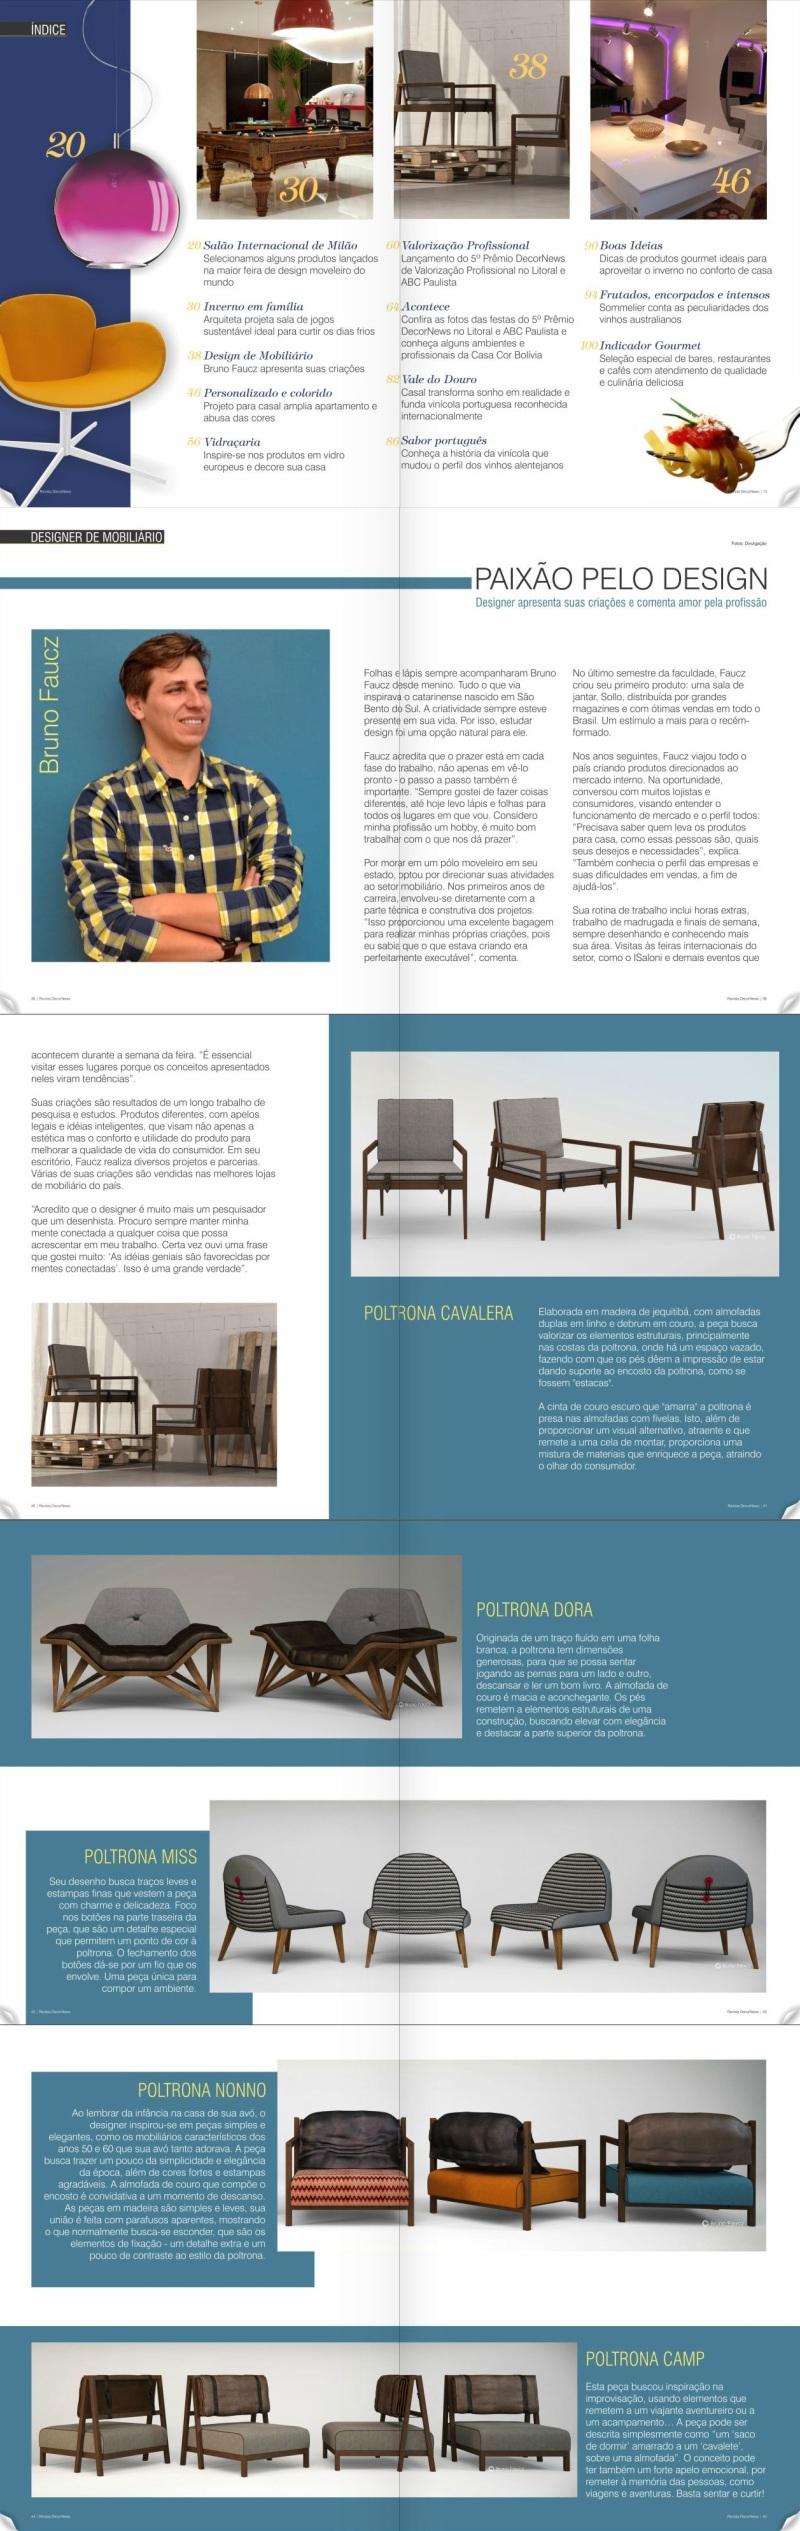 Revista Decor Design - Junho 2013